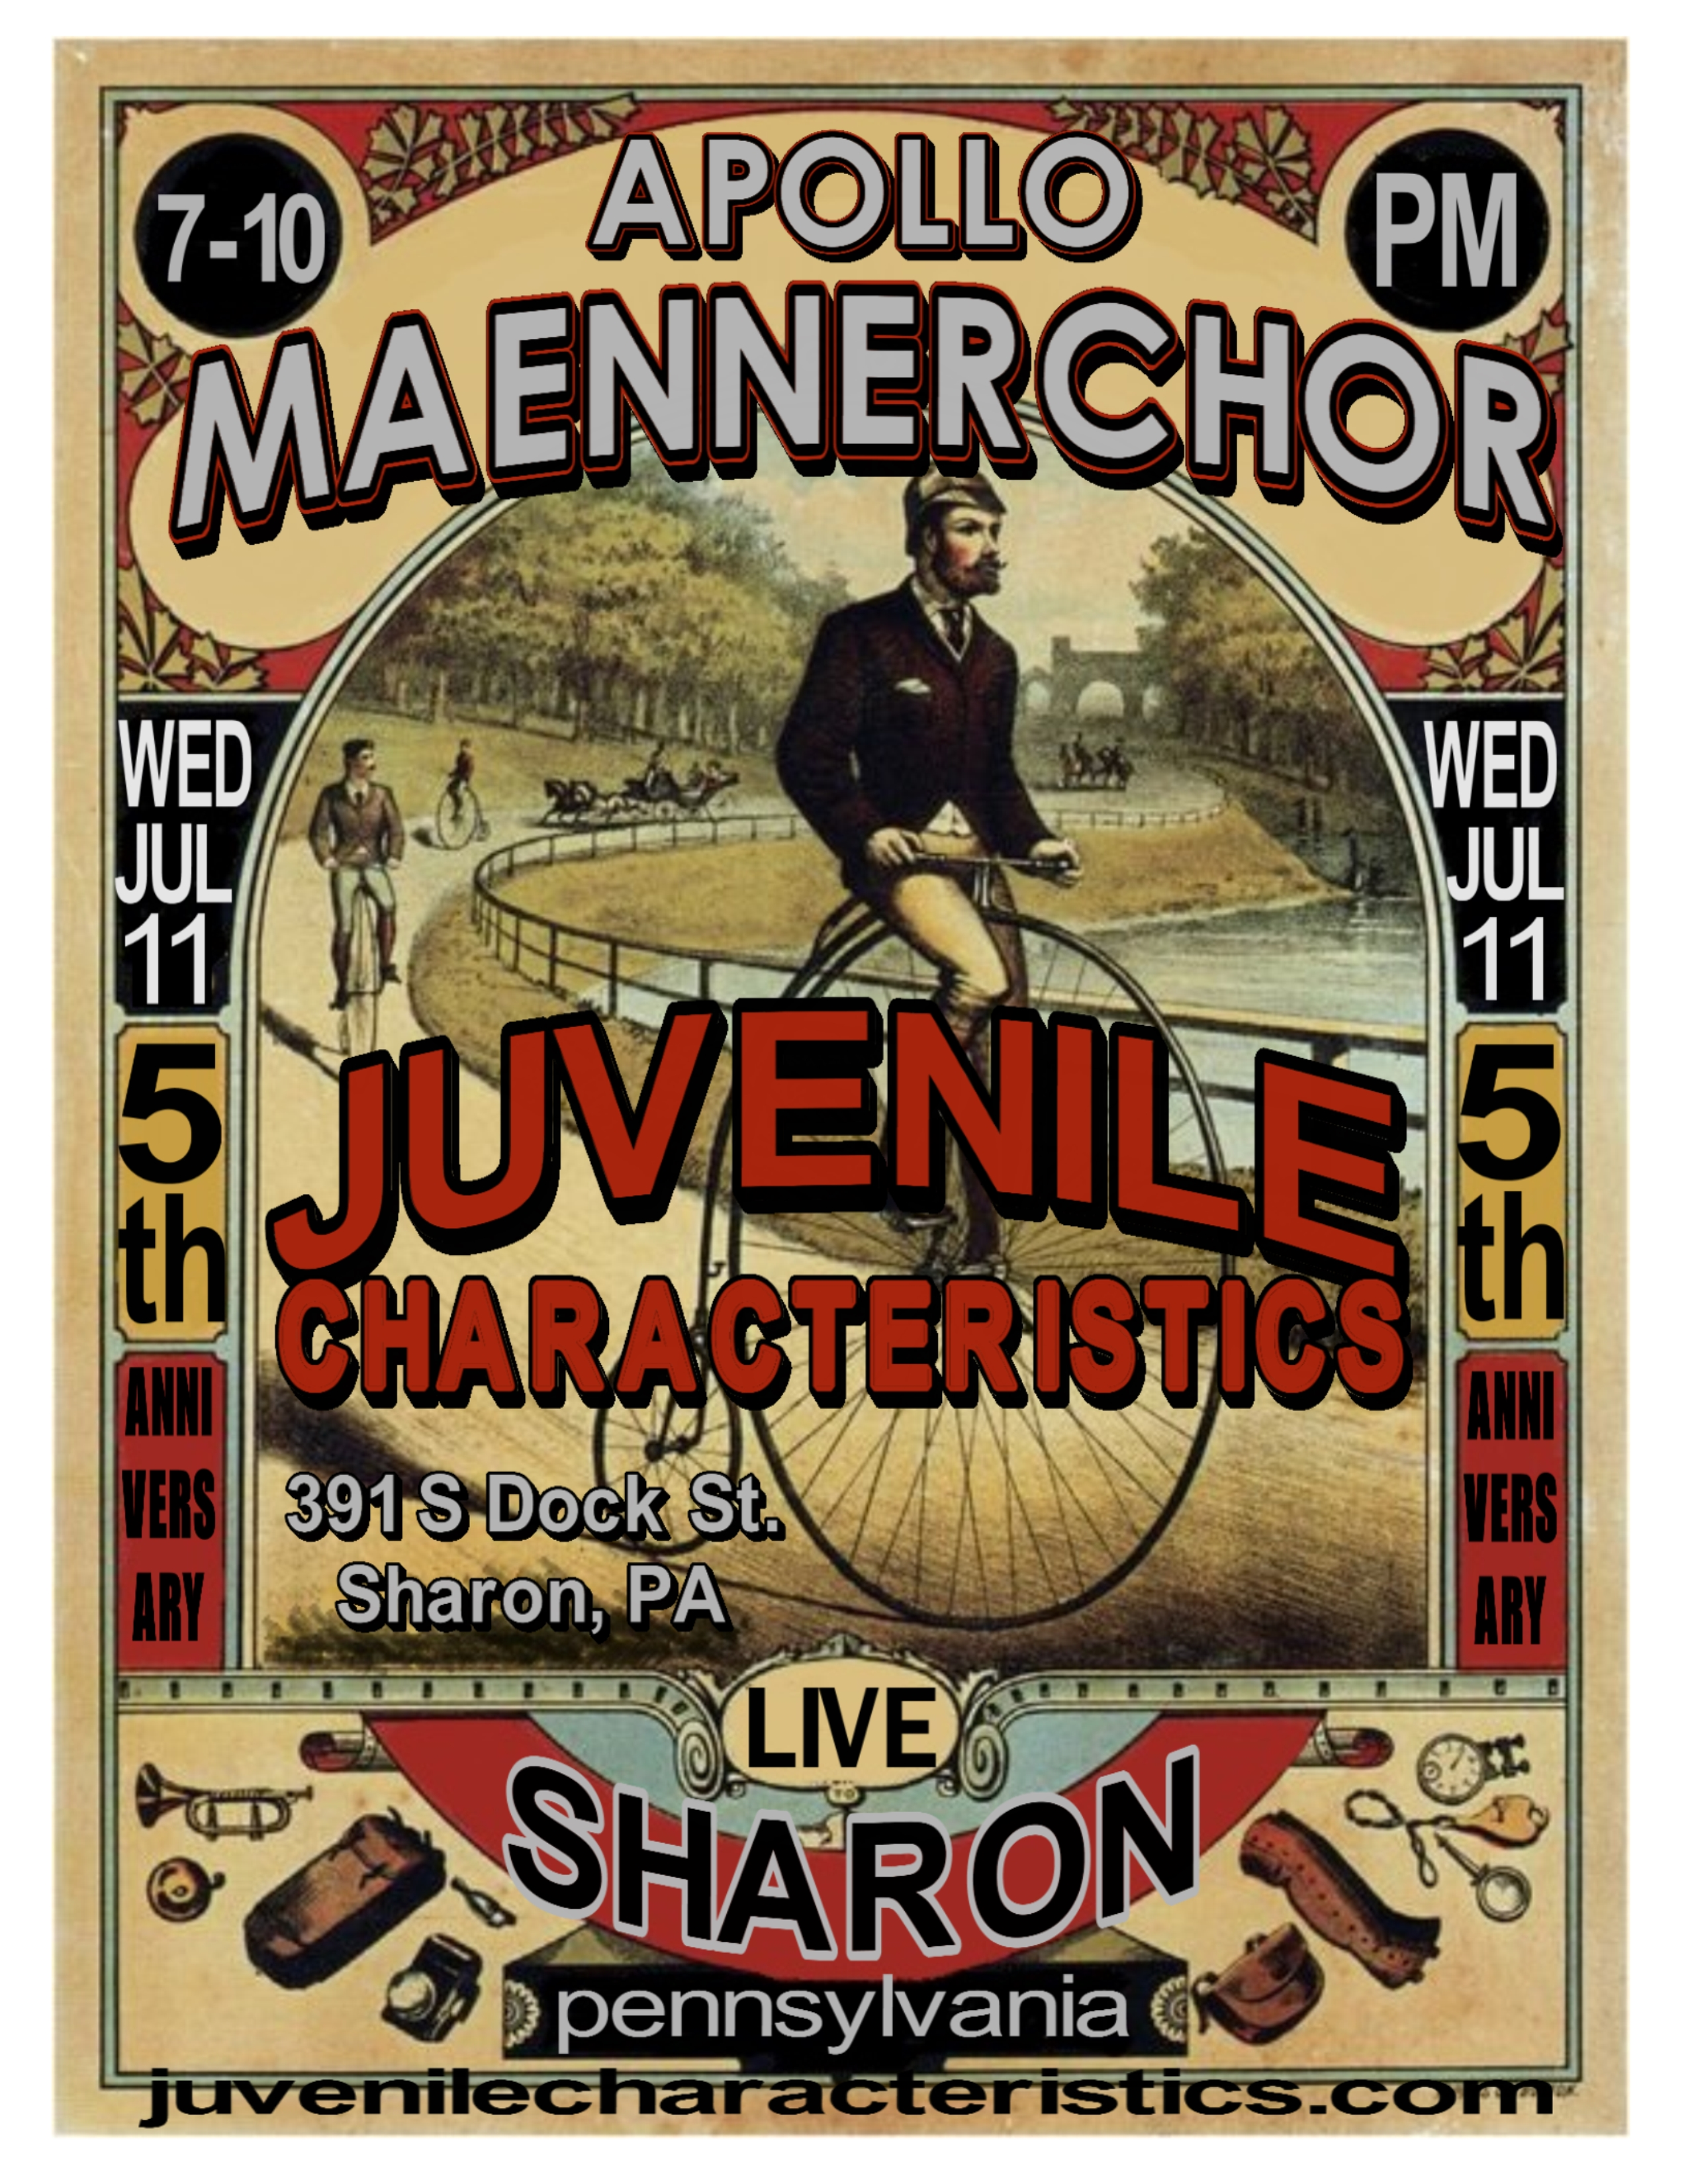 7-11-18 Maennerchor Club